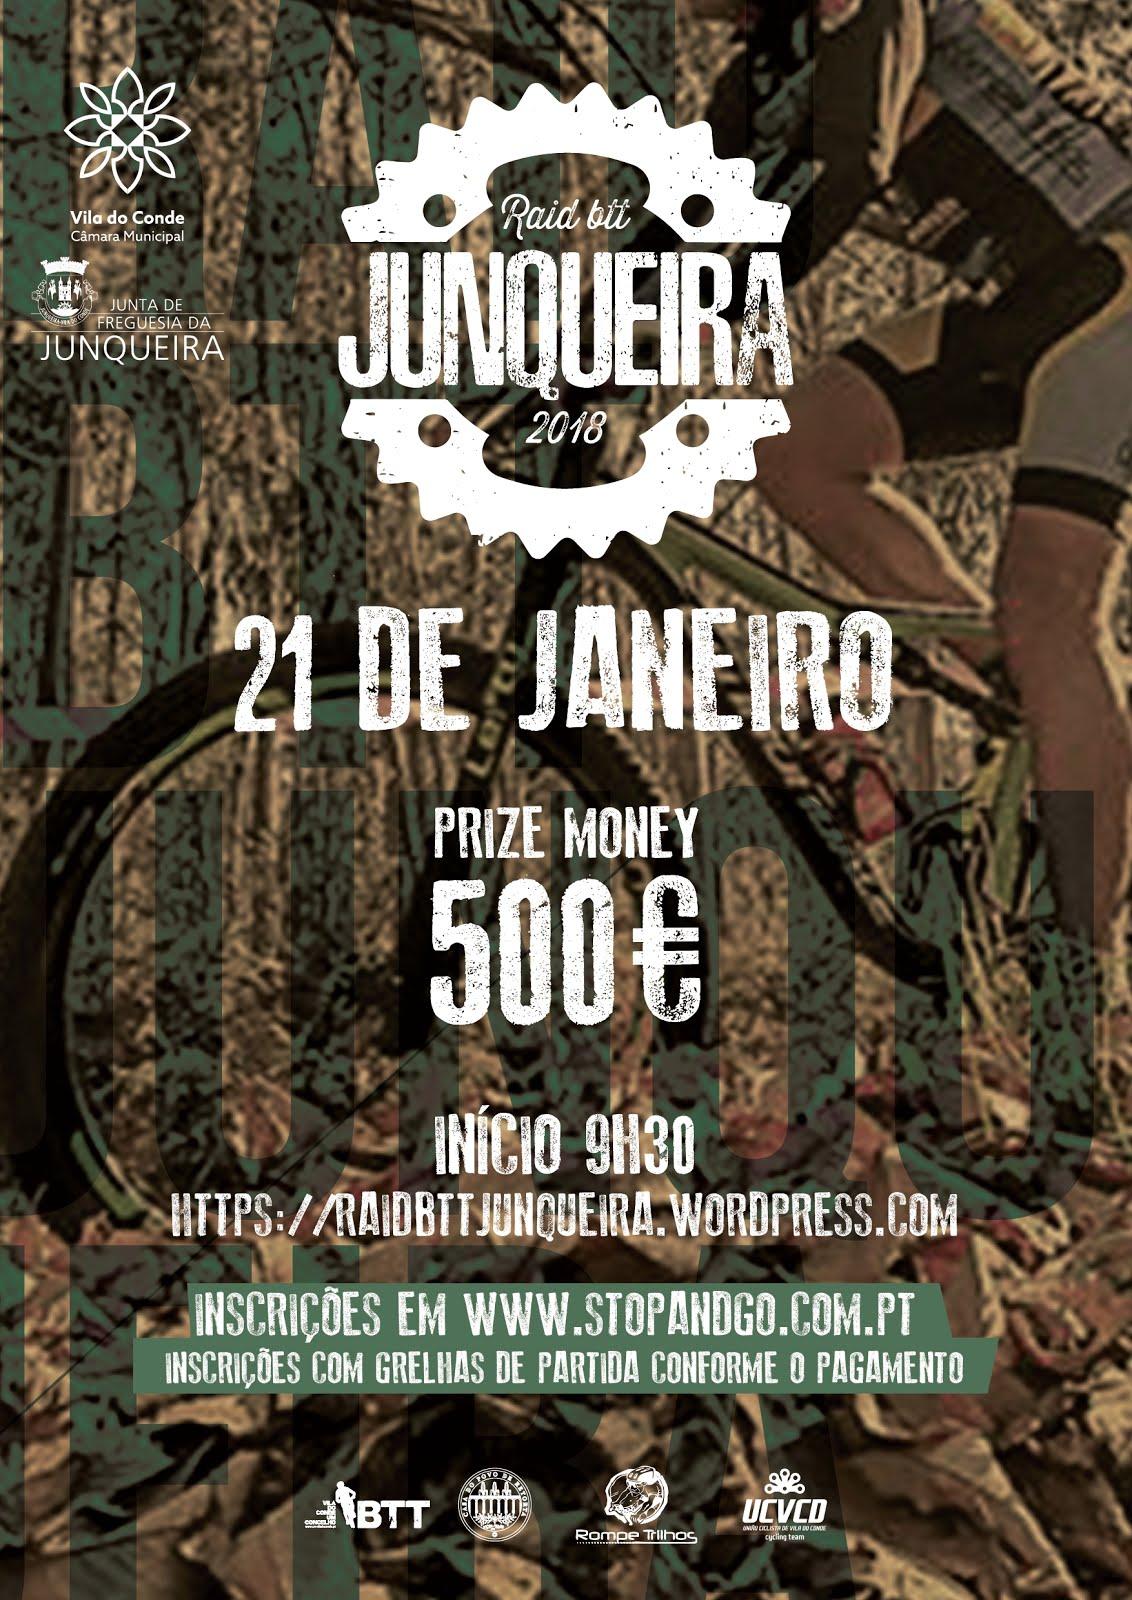 21JAN * JUNQUEIRA